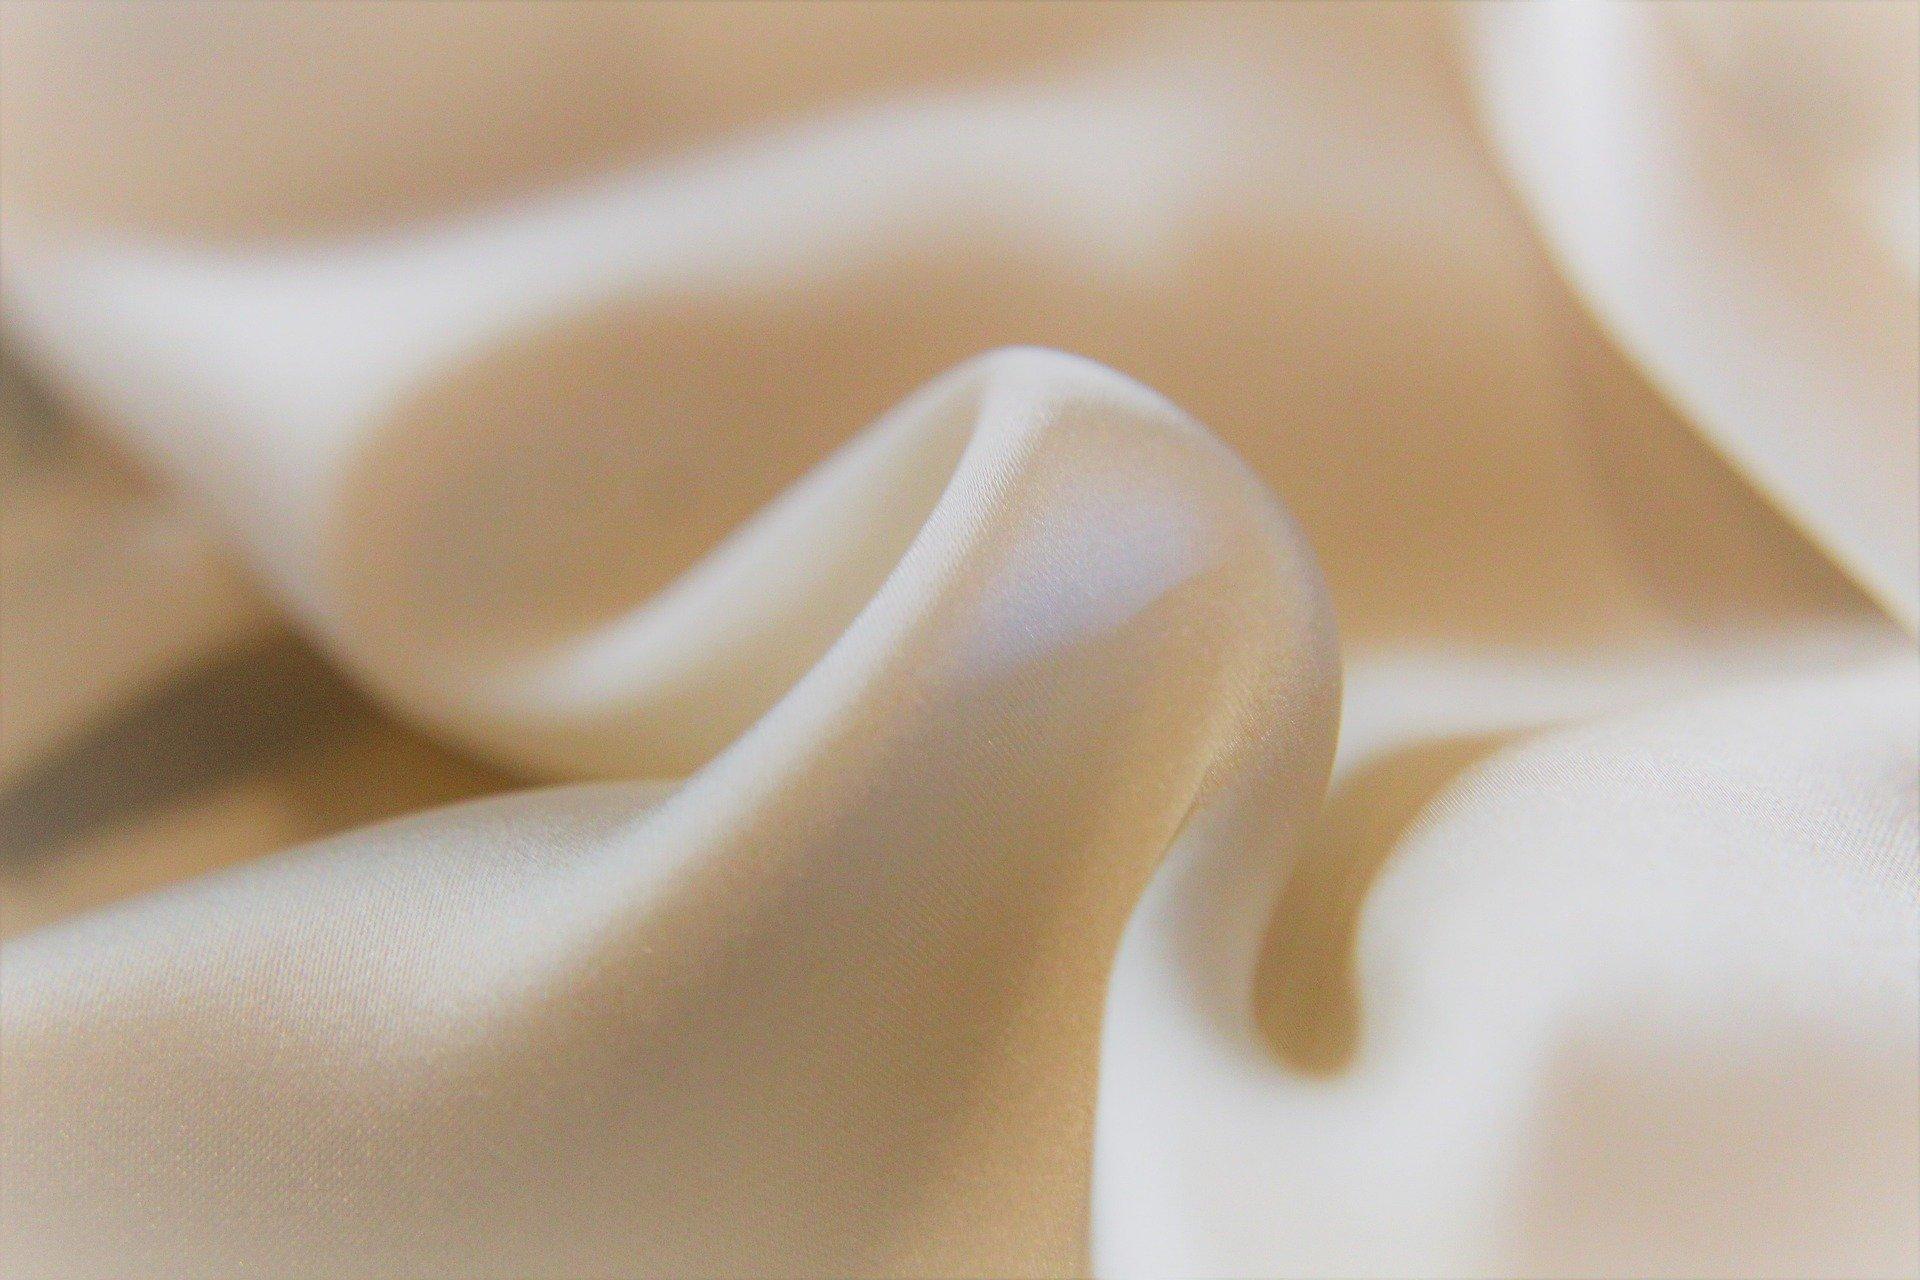 silk-4916174_1920.jpg